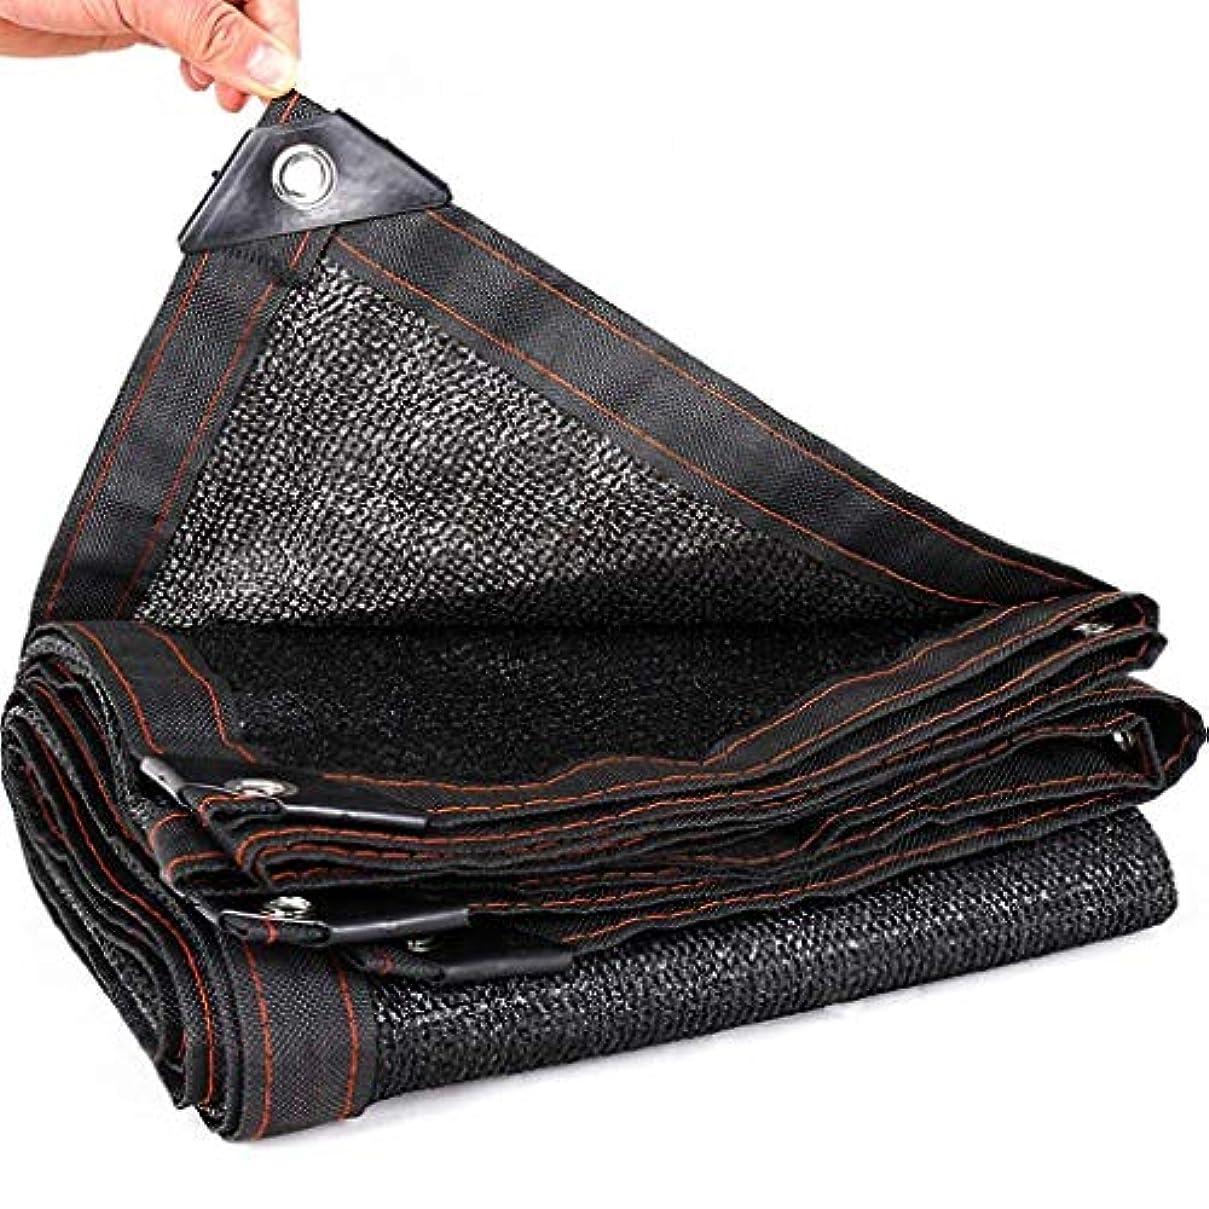 パワー充実設計黒シェード布日焼け止めシェードネット、温室シェーディング用紫外線耐性生地メッシュ防水シート95%シェードガーデンフラワープラント納屋犬小屋車の屋根カバー (サイズ さいず : 5x5M(16.4x16.4ft))